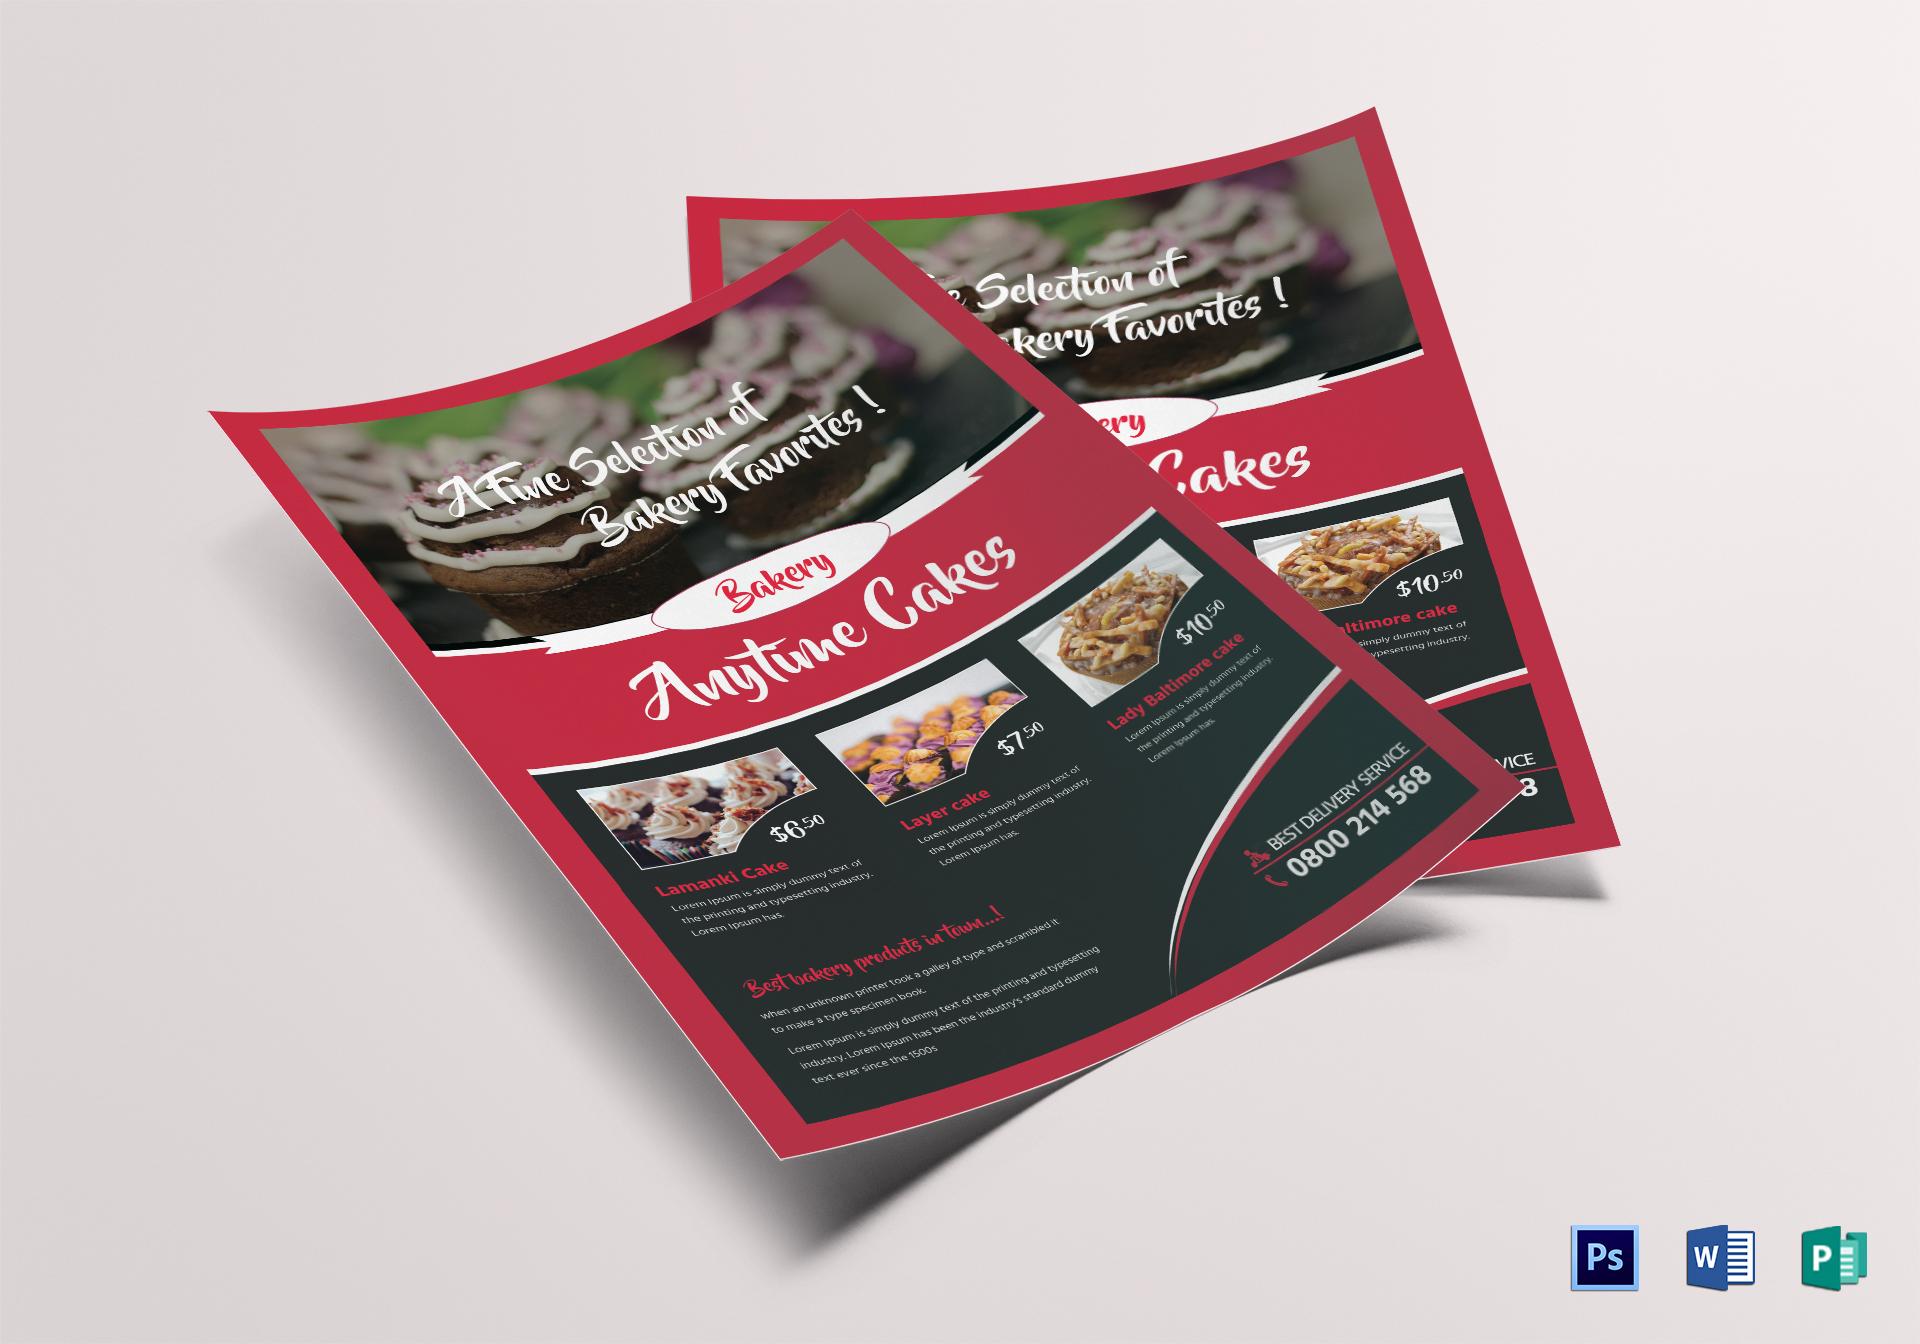 Customizable Bake Sale Flyer Template